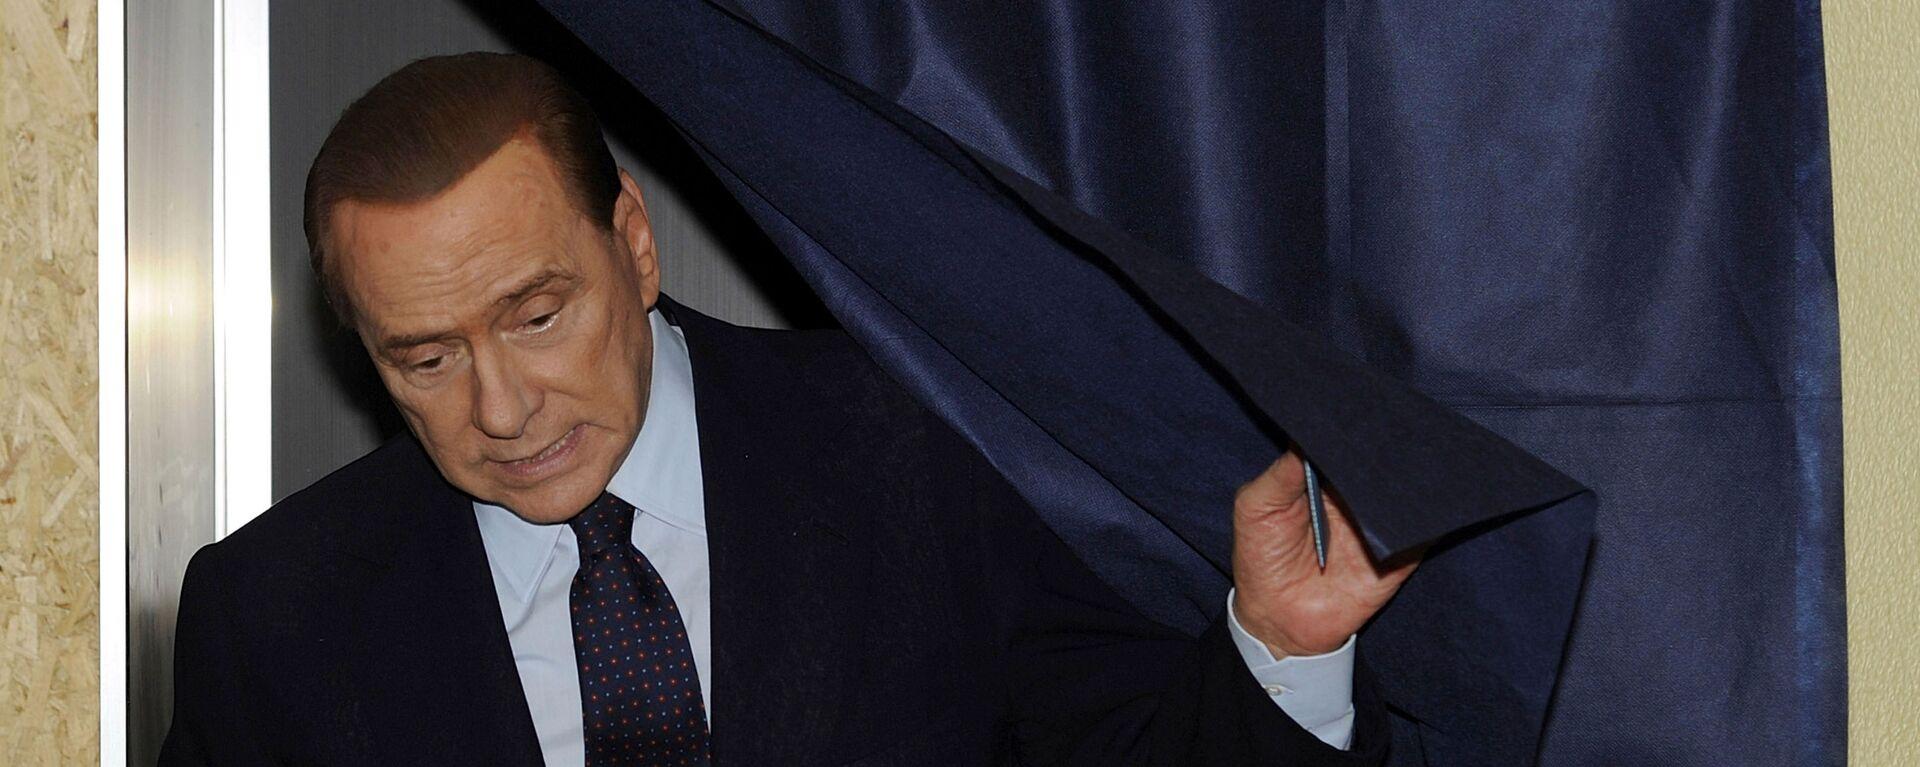 L'ex premier italiano Silvio Berlusconi vota in un seggio elettorale a Milano, 29 maggio, 2011 - Sputnik Italia, 1920, 22.08.2021